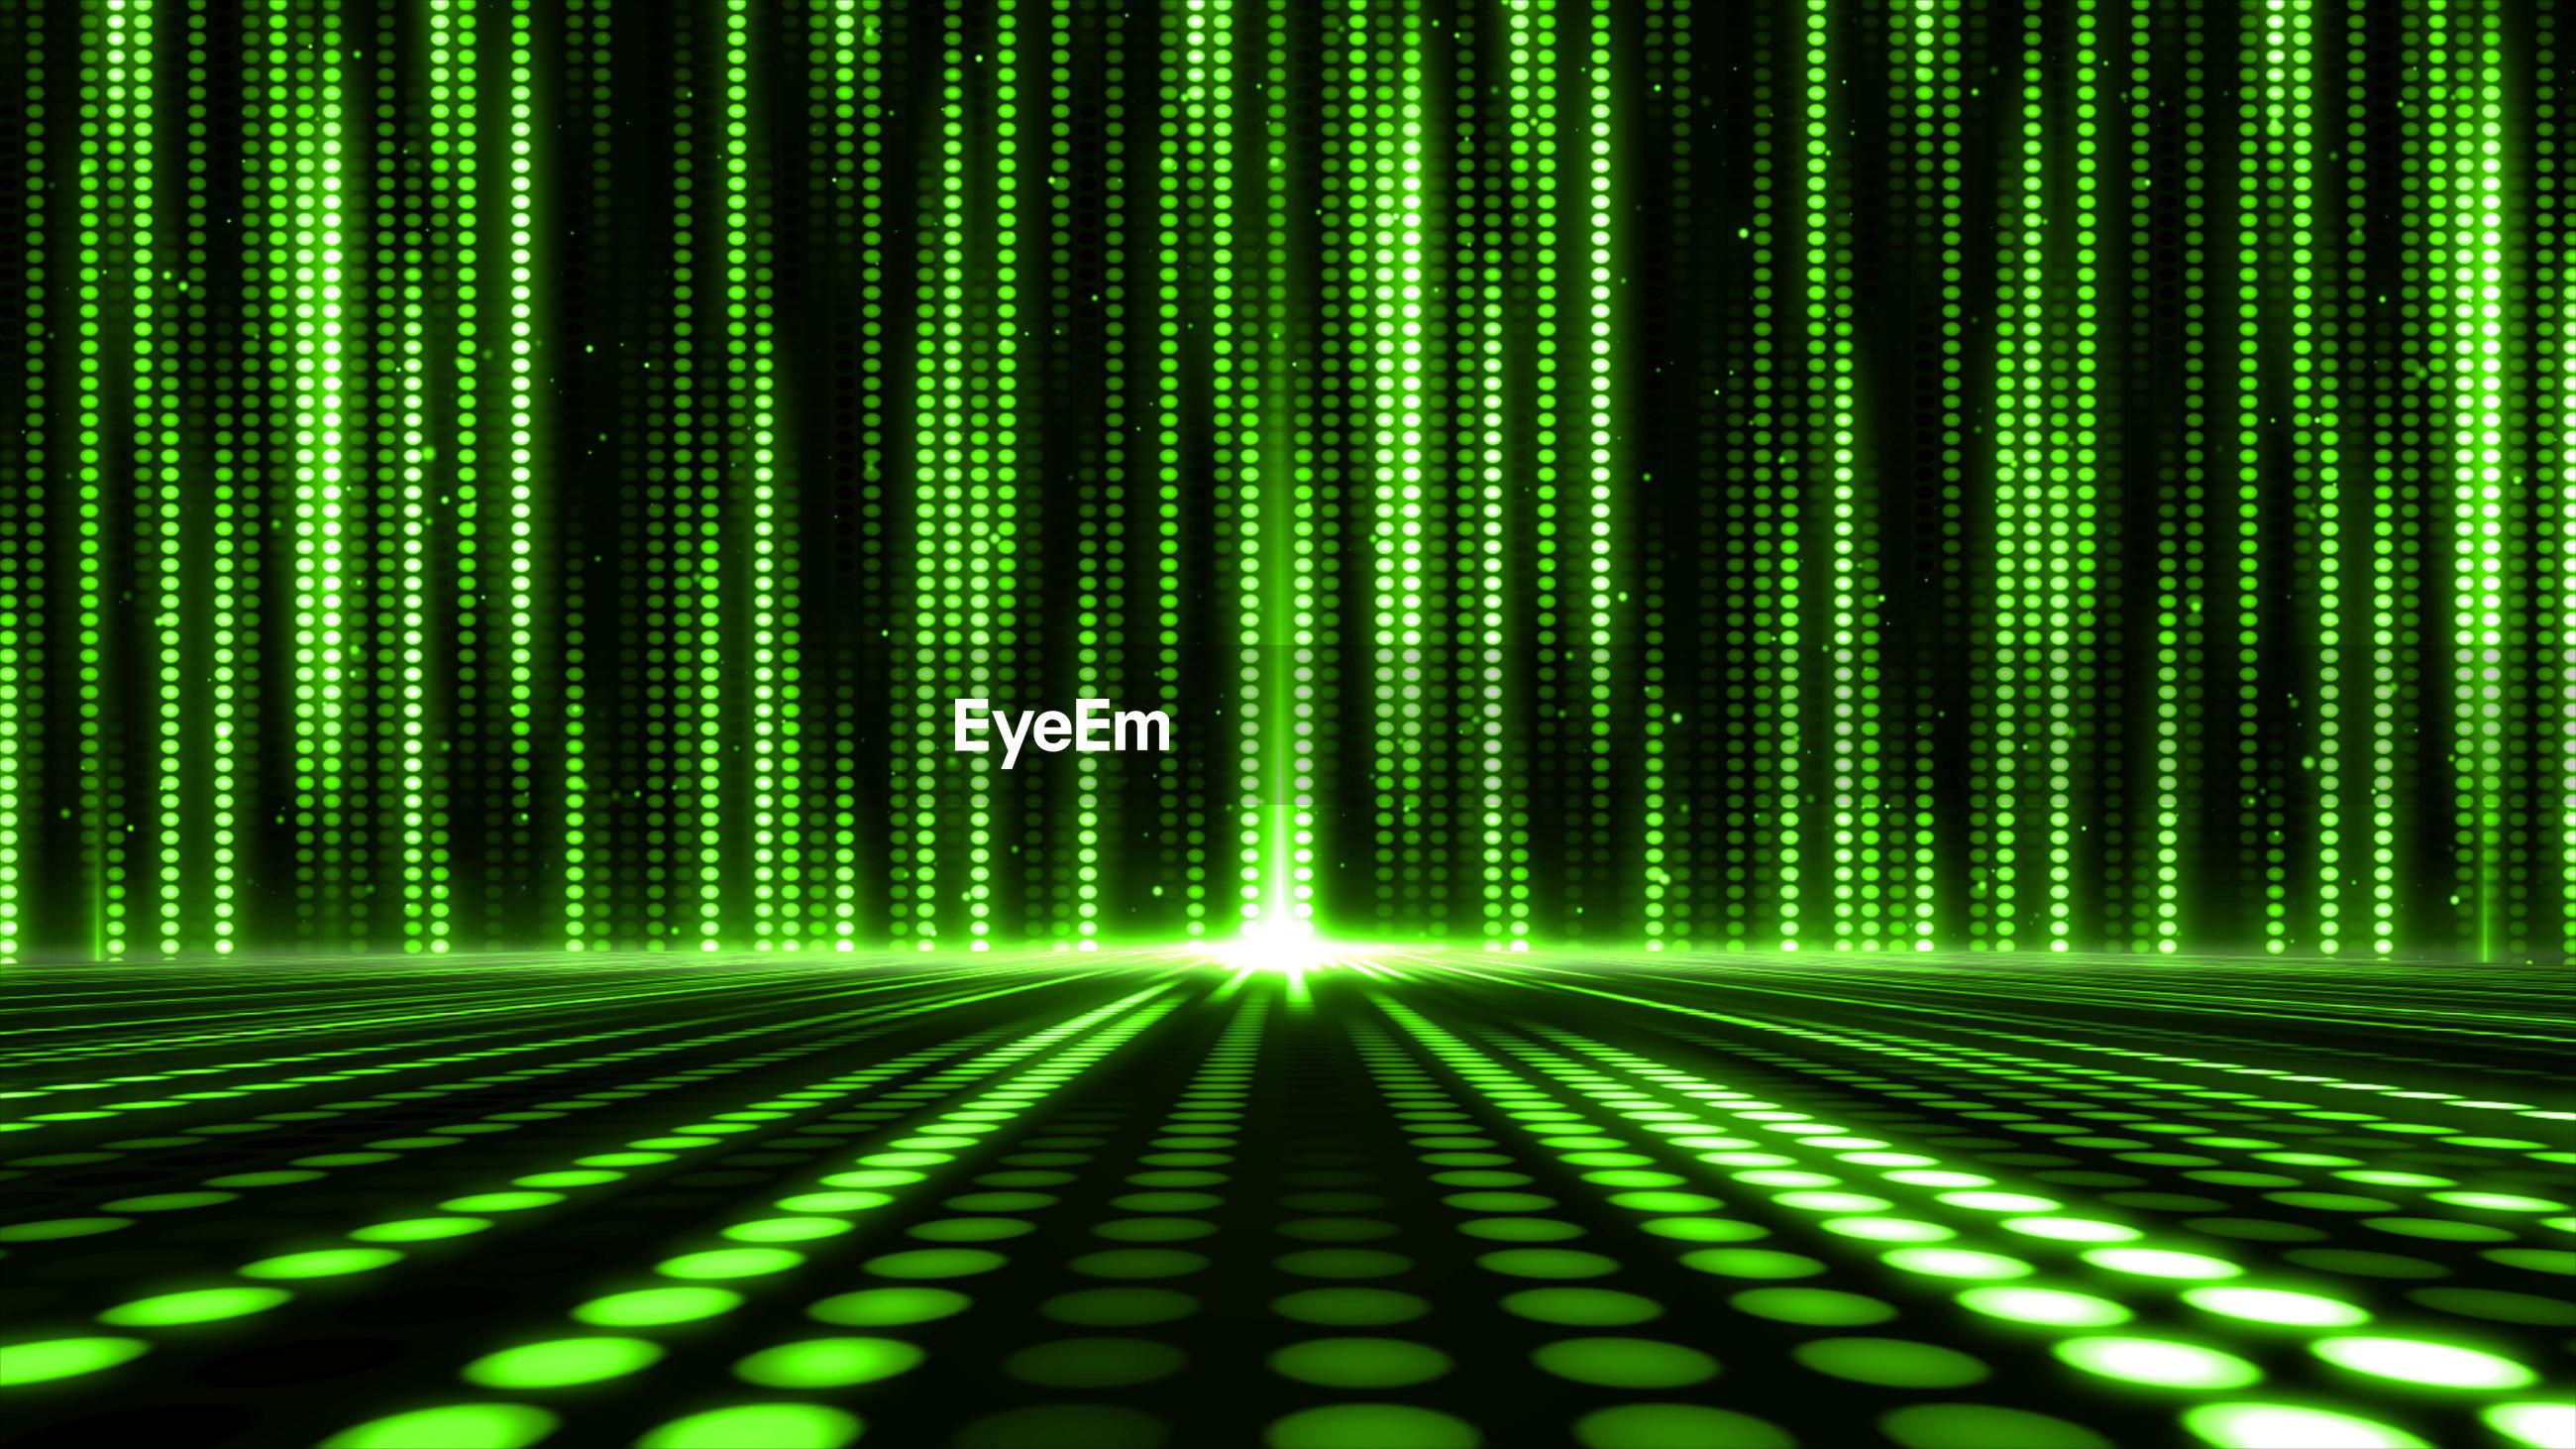 Full frame shot of illuminated green lights